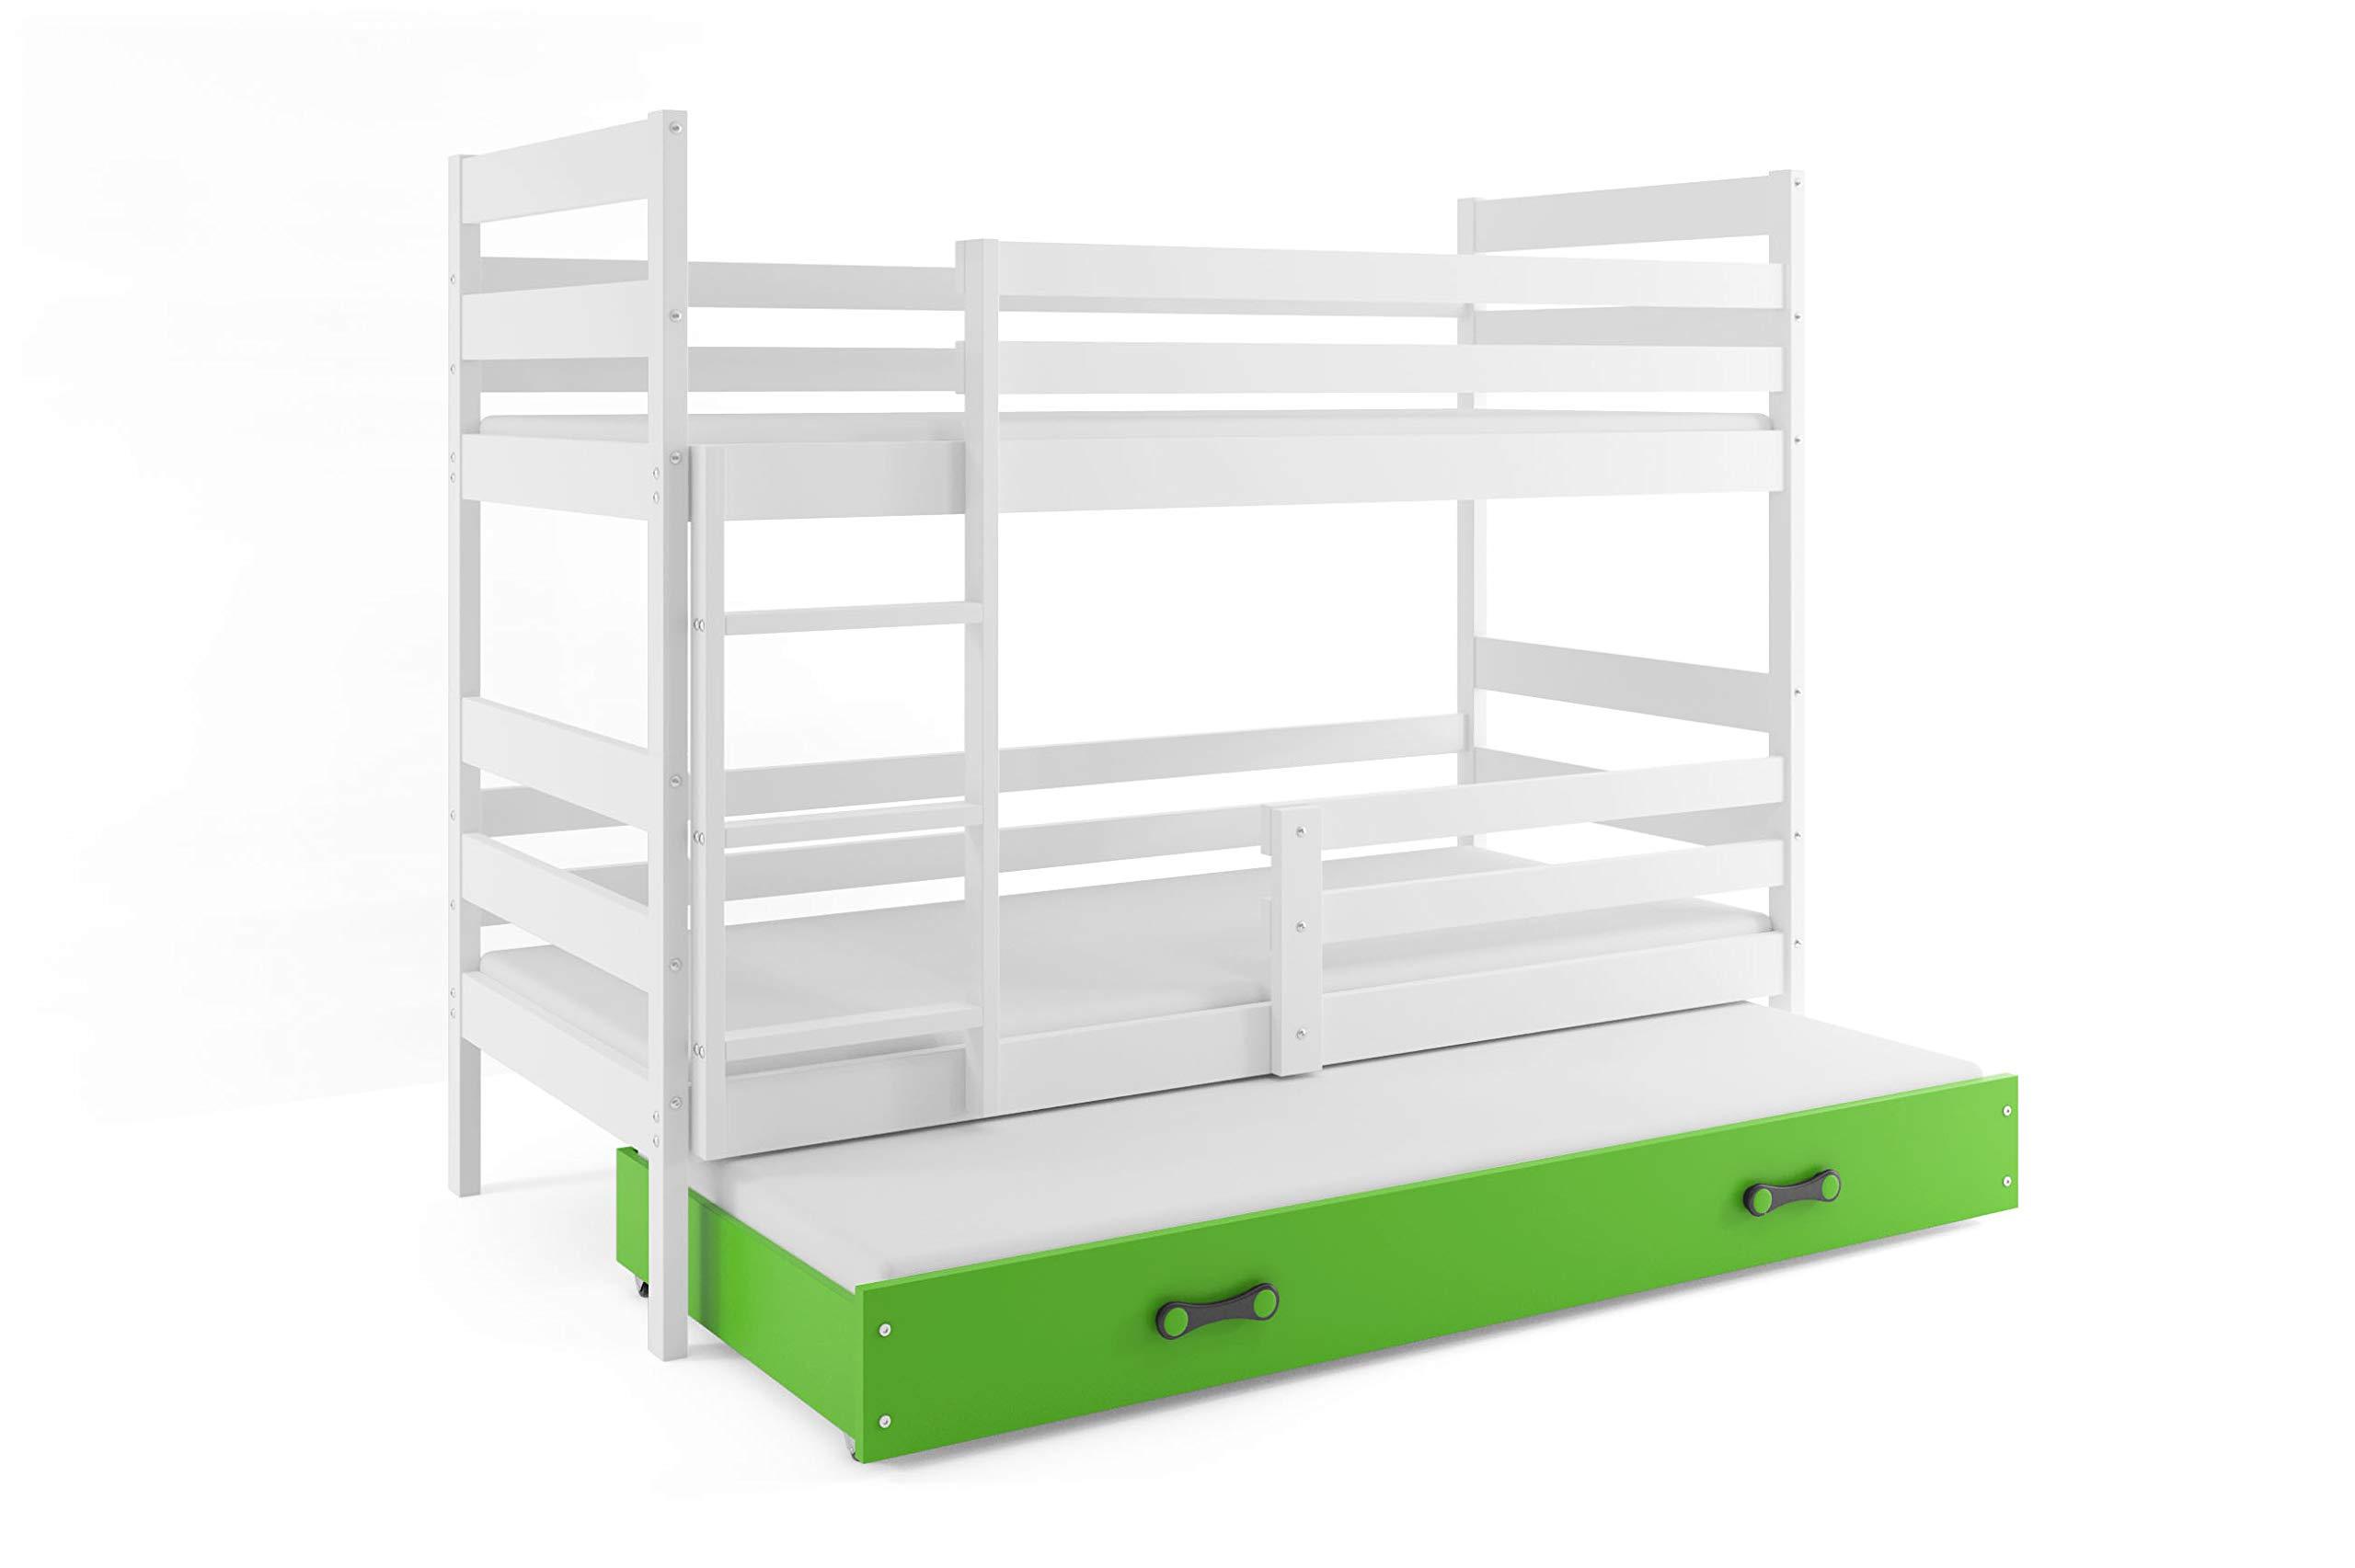 Cama litera doble infantil ERIC, color blanco, cajón verde, 200x90, con colchones de espuma GRATIS (2x 200x90y del cajón 190x80)somieres GRATIS: Amazon.es: Juguetes y juegos